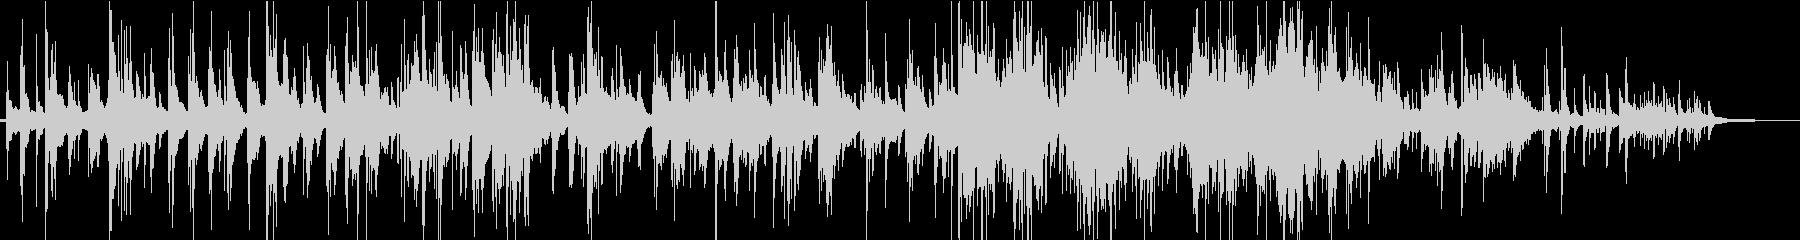 おだやかなピアノソロのインストの未再生の波形